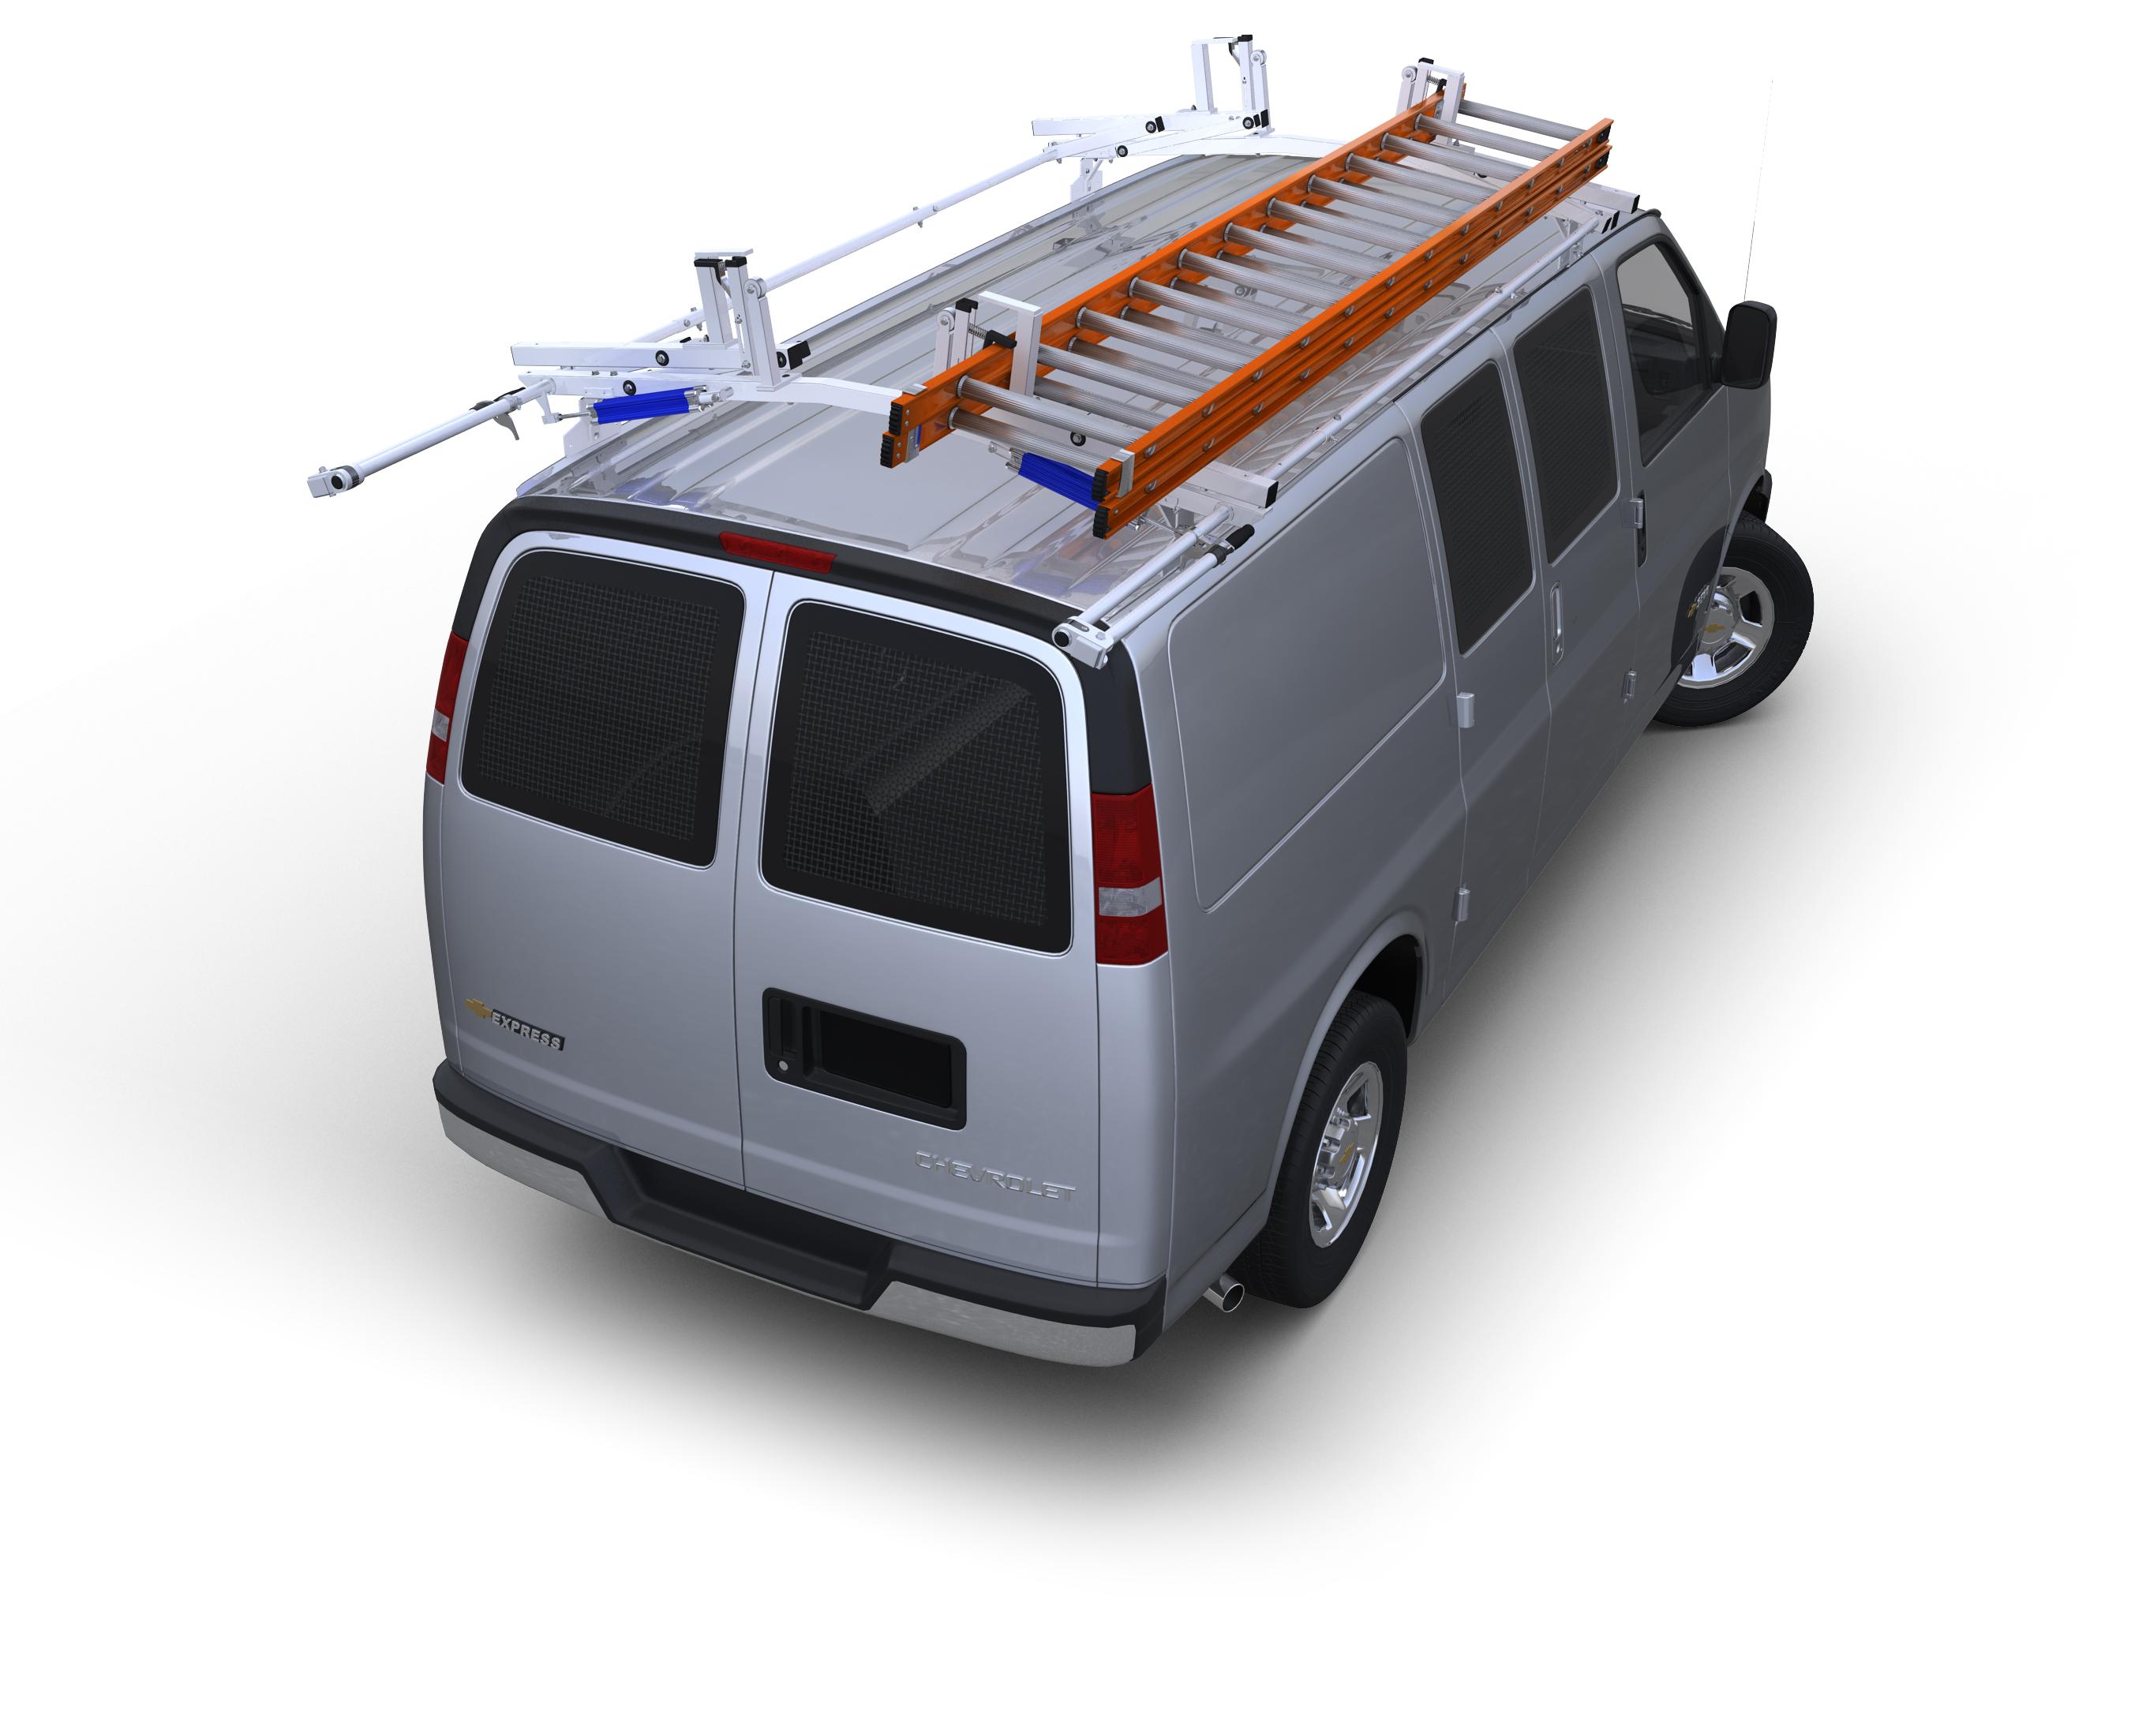 2013 & Older Ford Transit Connect Instant Side Access Ladder Racks